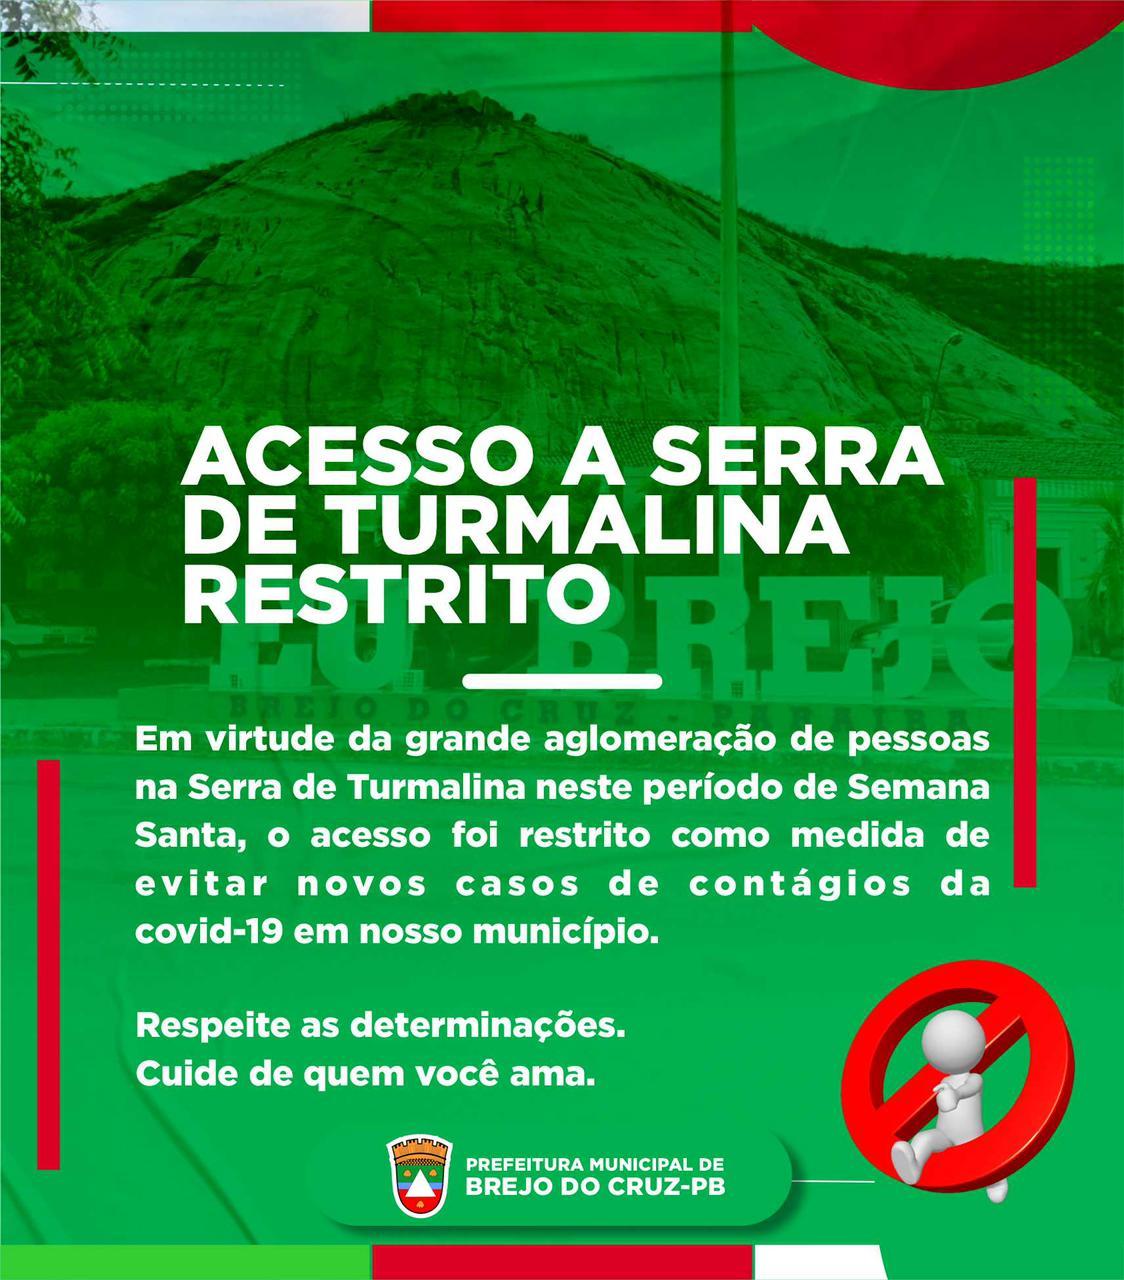 SUBIDA PROIBIDA! Prefeitura de Brejo do Cruz faz apelo para que não subam a Serra de Turmalina